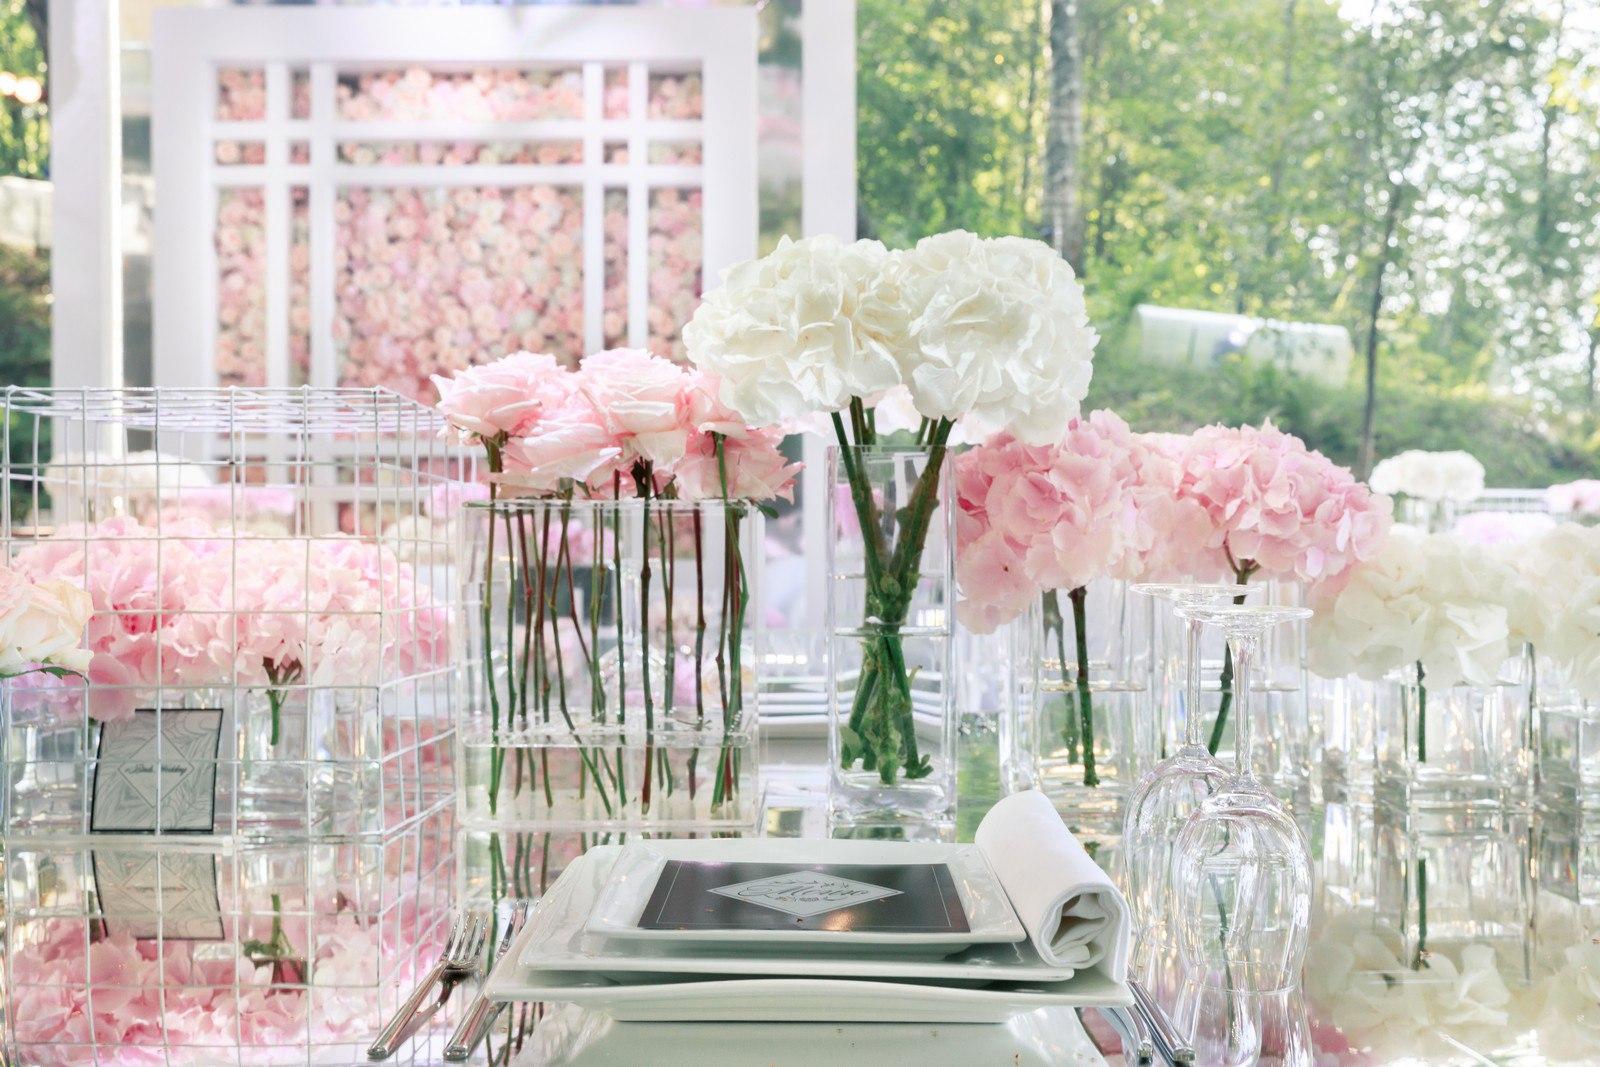 gkUxMIR0DRY - Правила декорирования столов на свадьбе